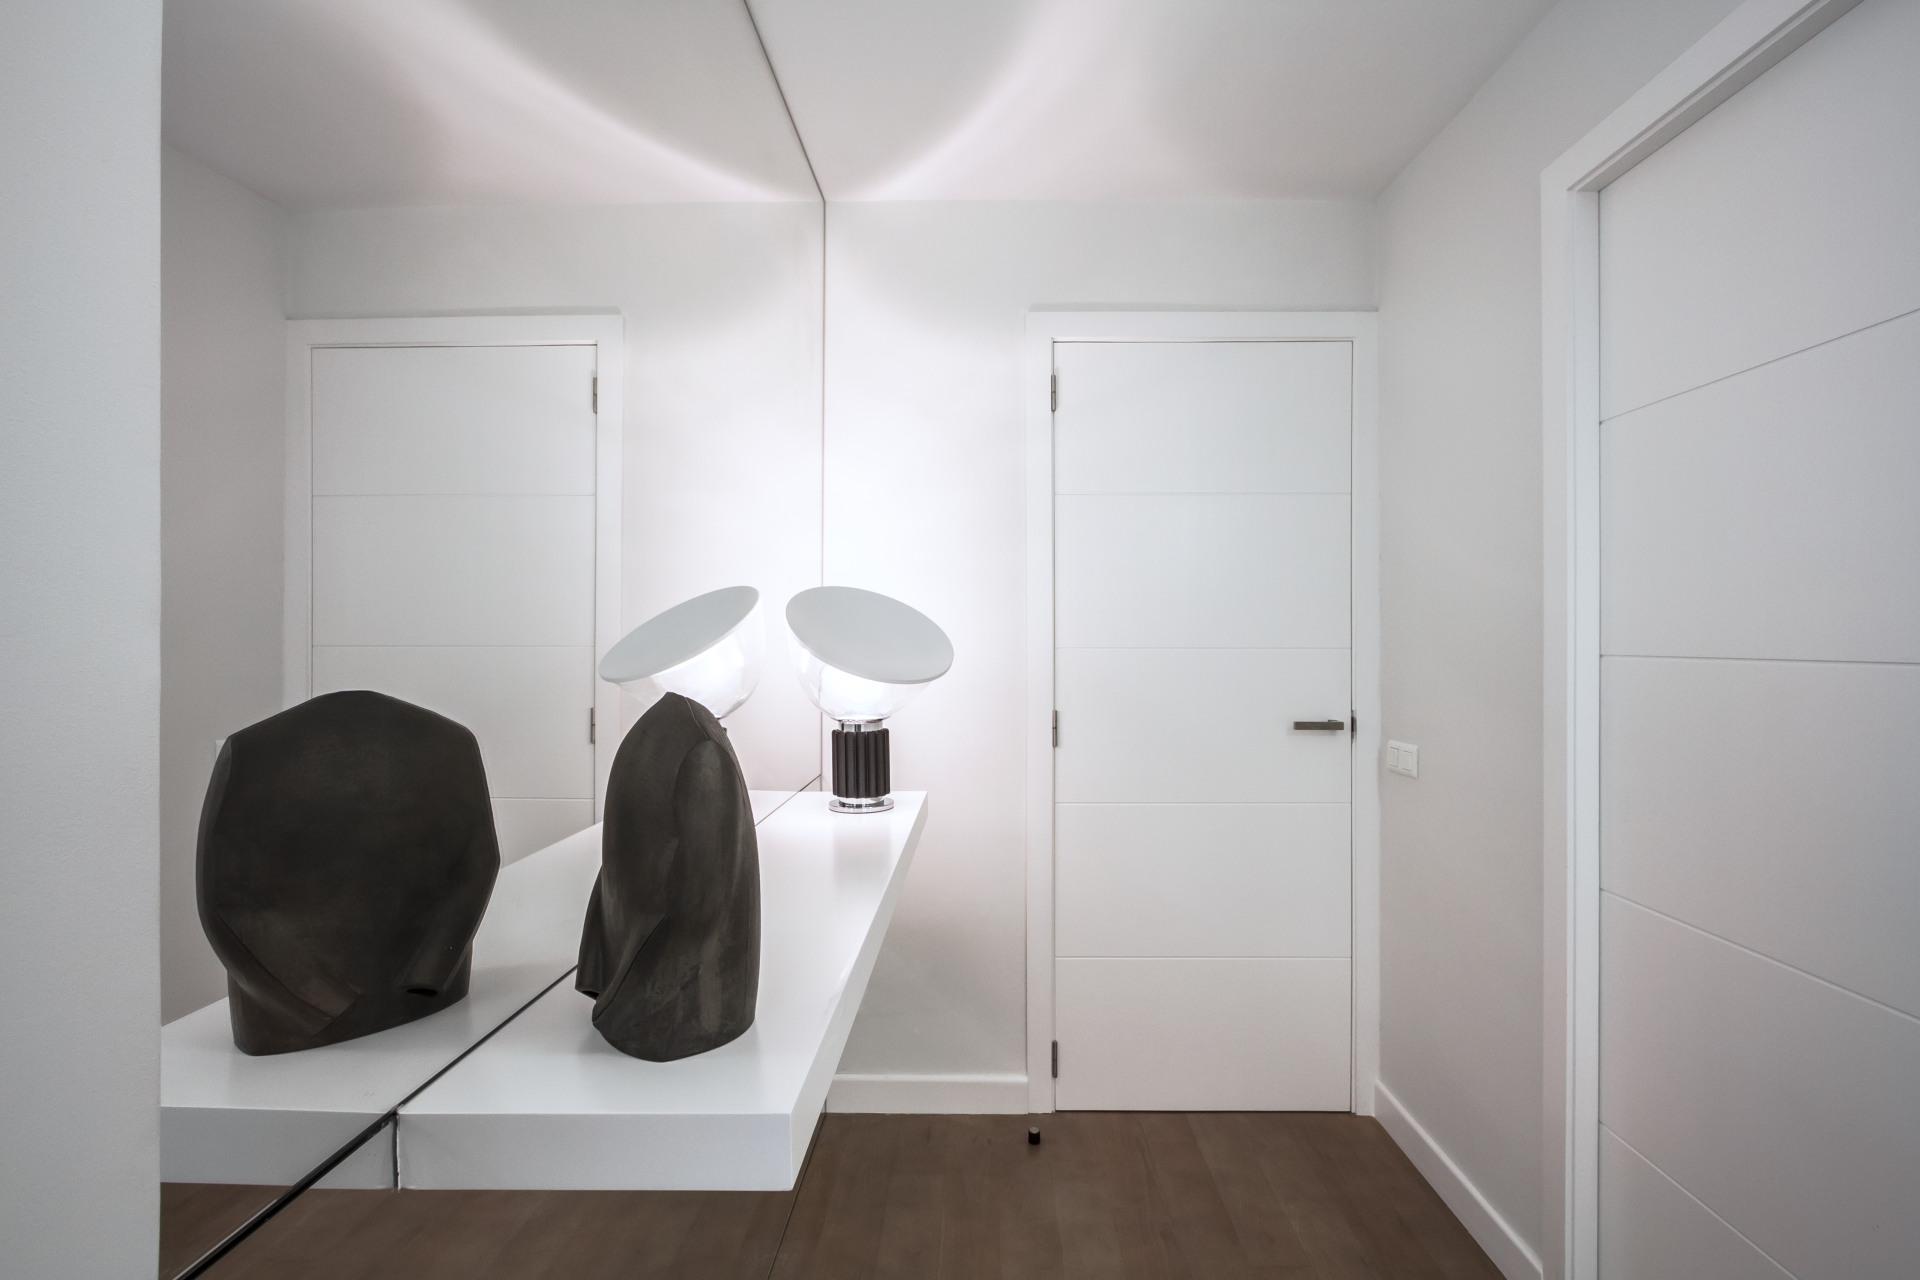 fotografia-arquitectura-valencia-german-cabo-hernandez-sorni-1 (7)